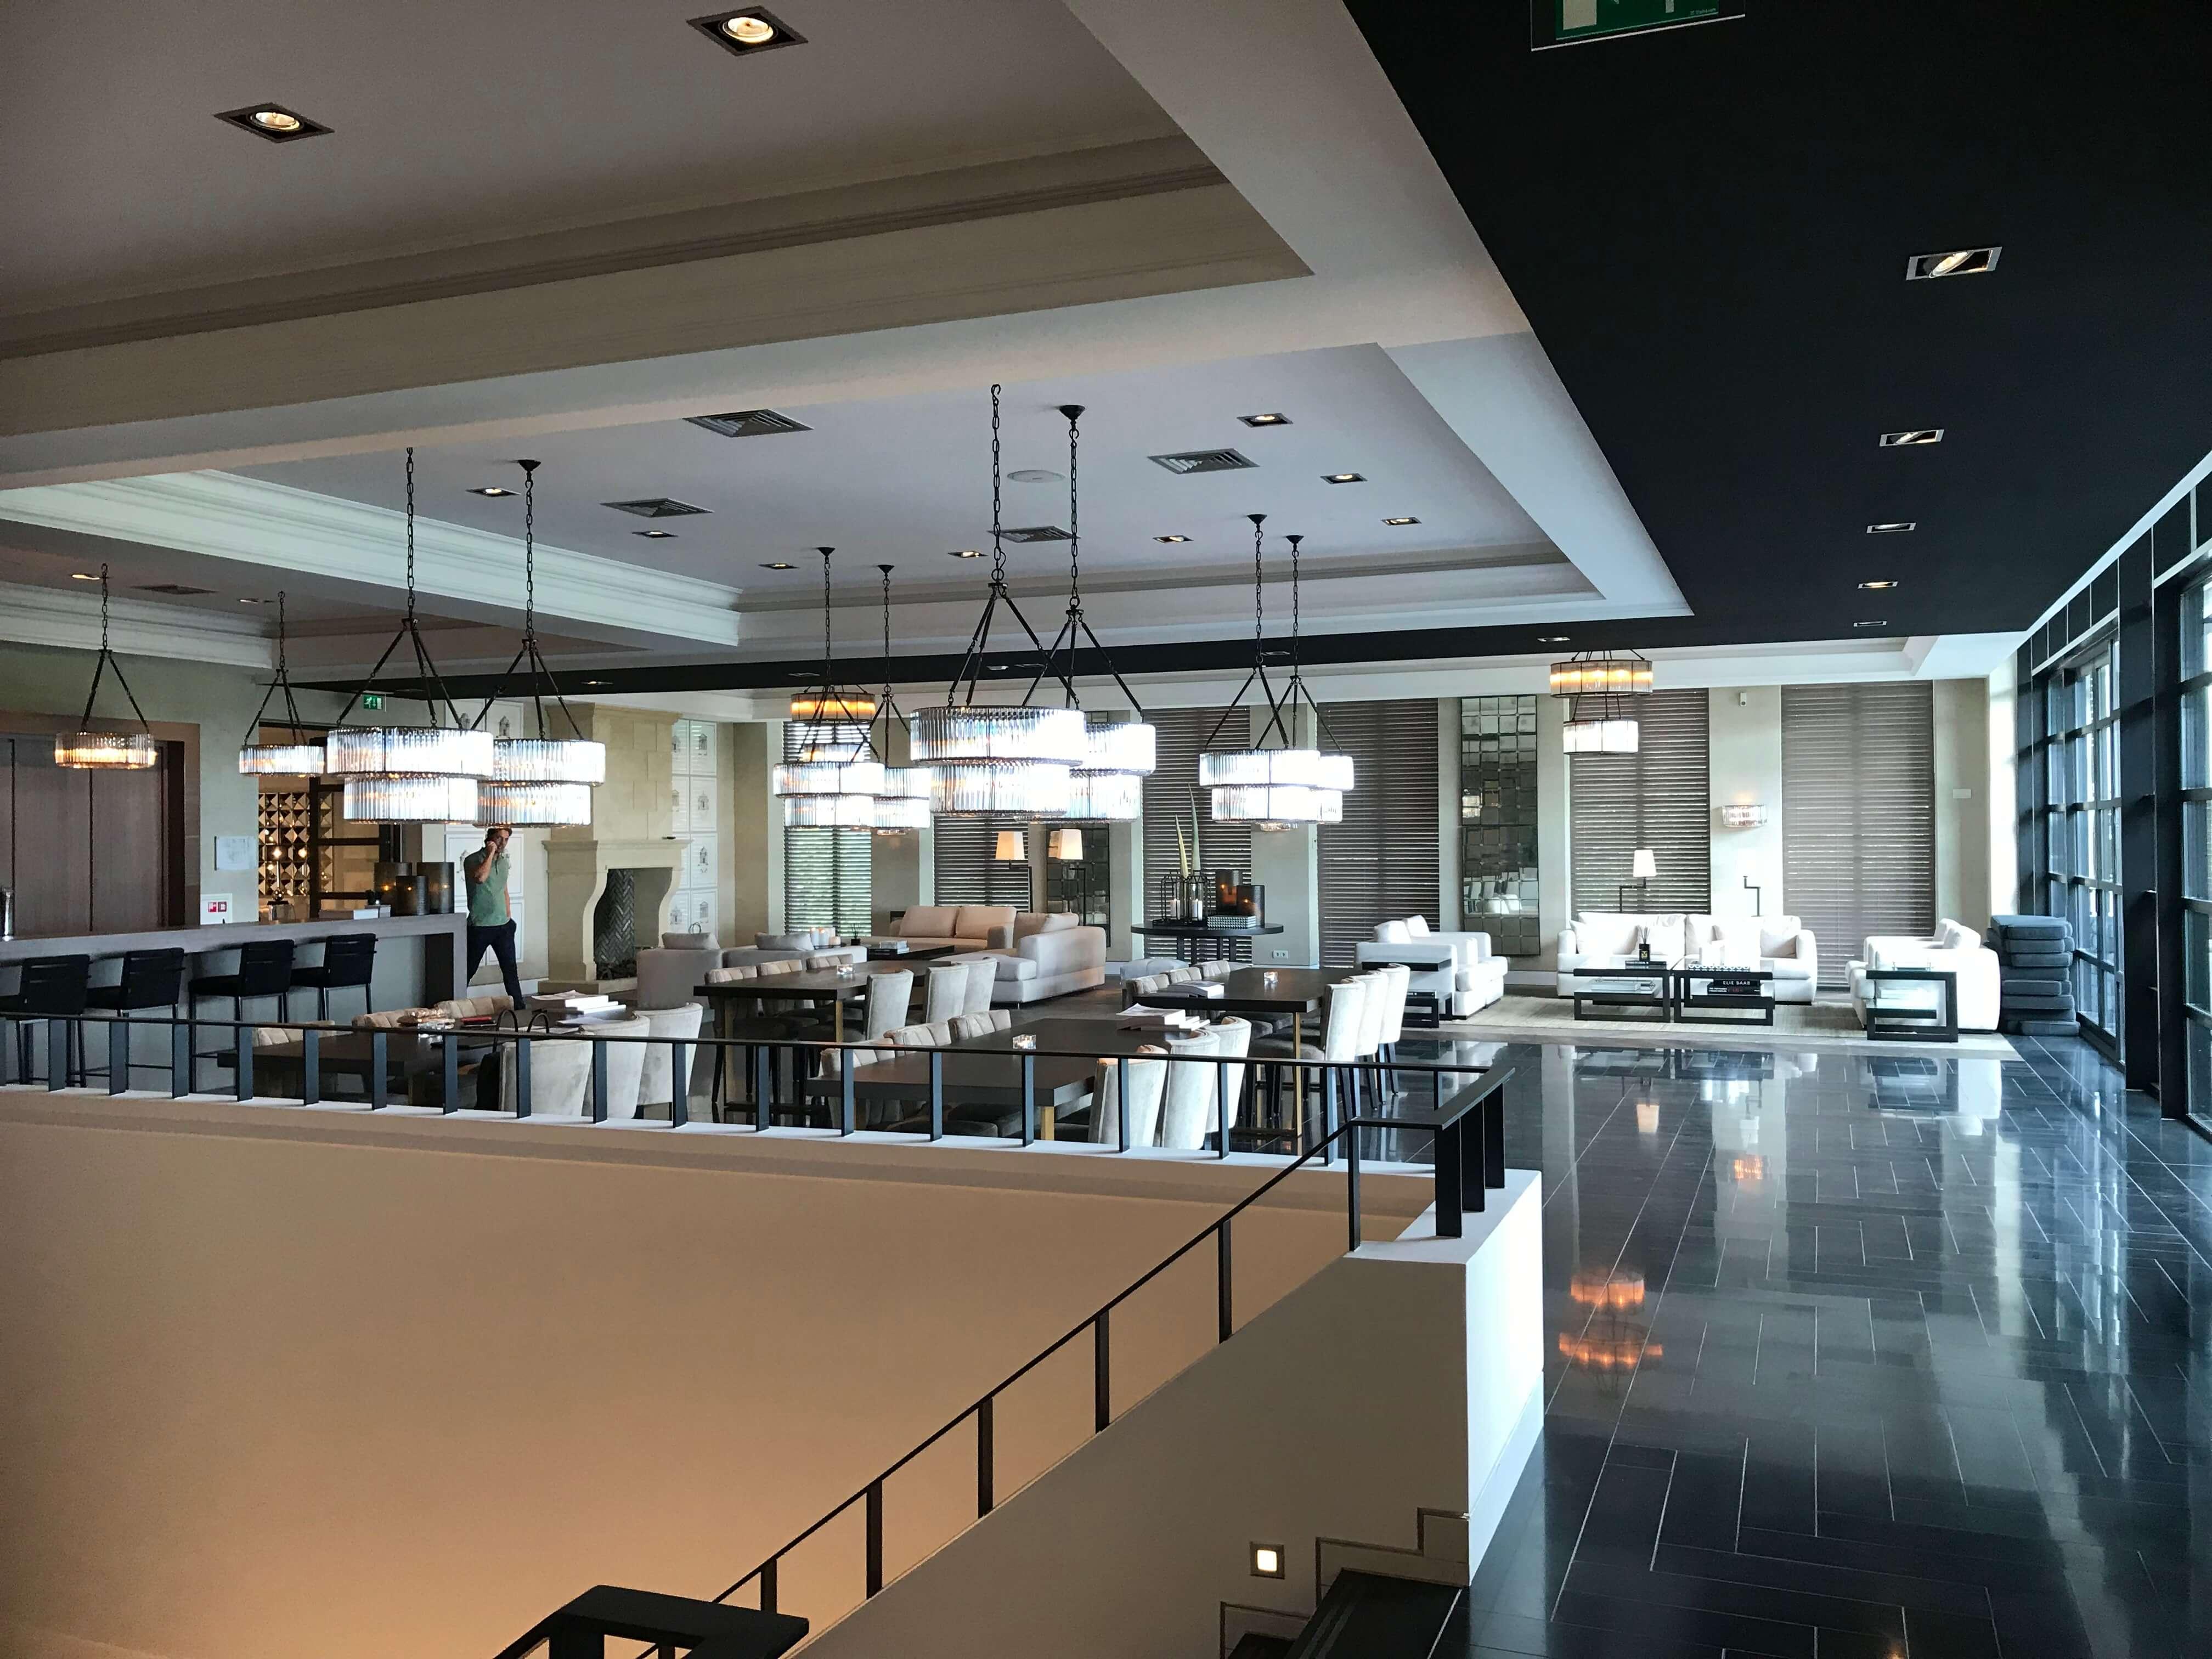 Insprierende Interieurs Aus Dem Hause Eichholtz: Impressionen Von Luxus  Möbel Für B2B